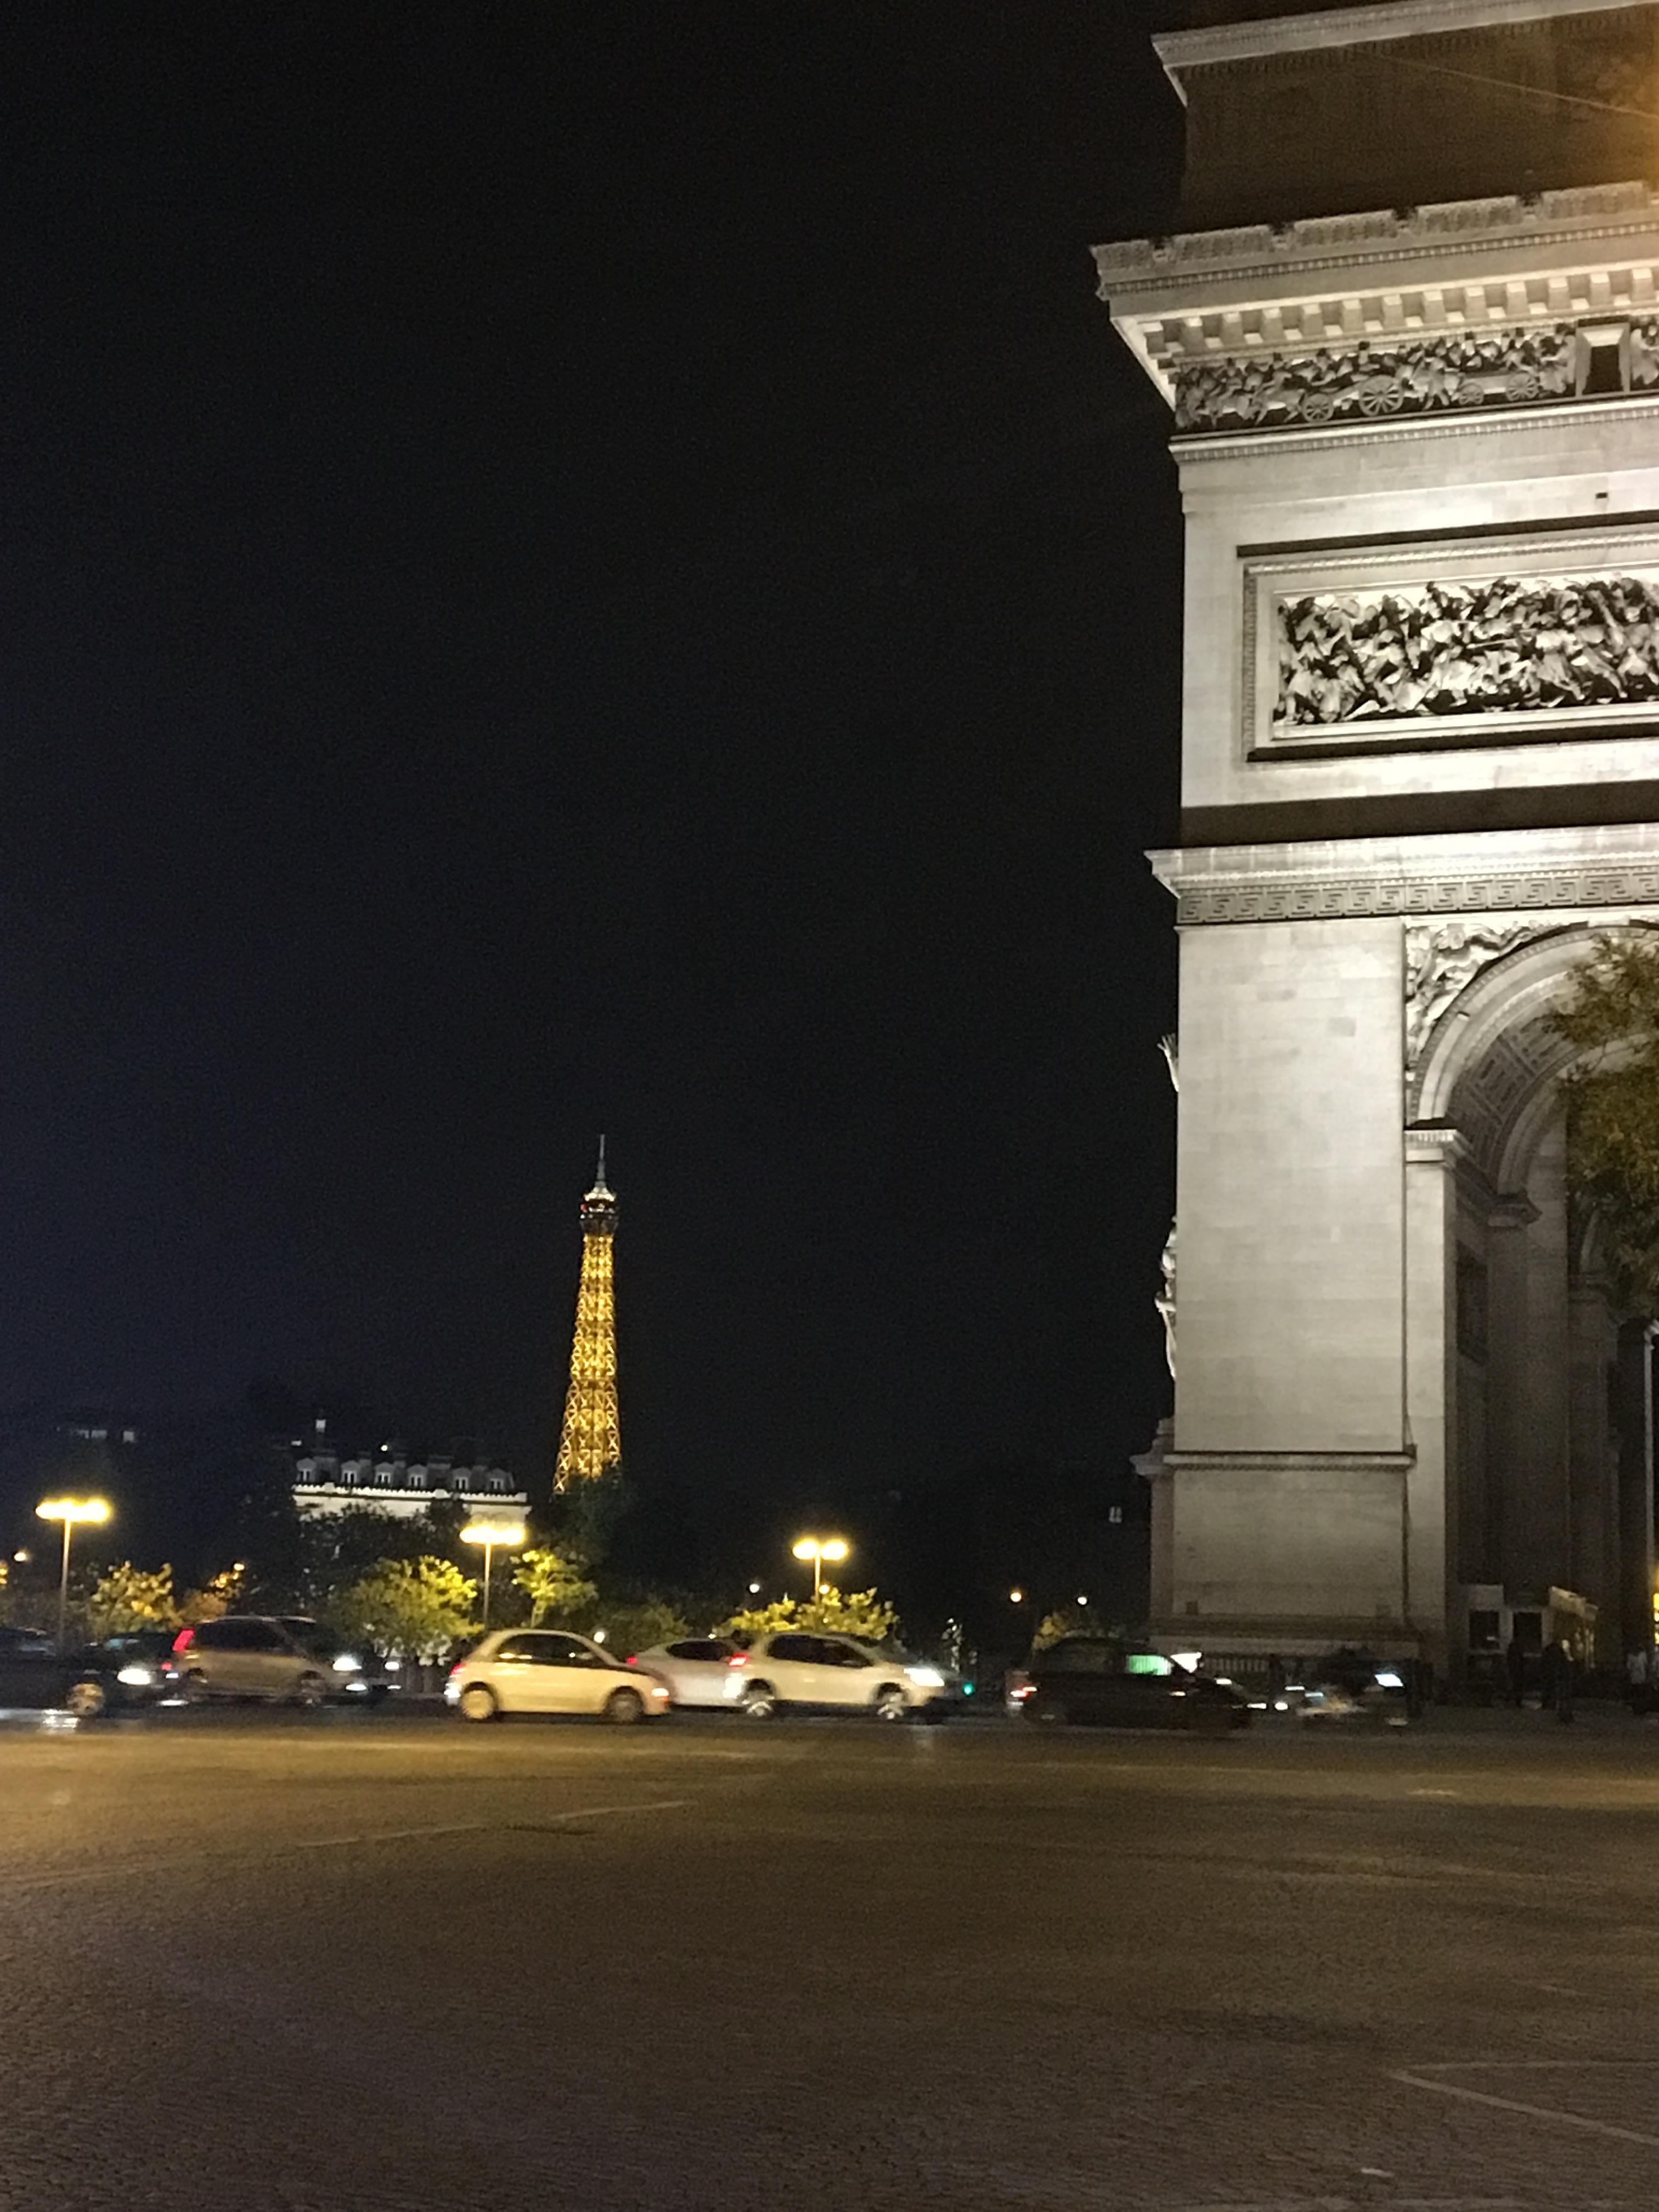 Paris landmarks at night